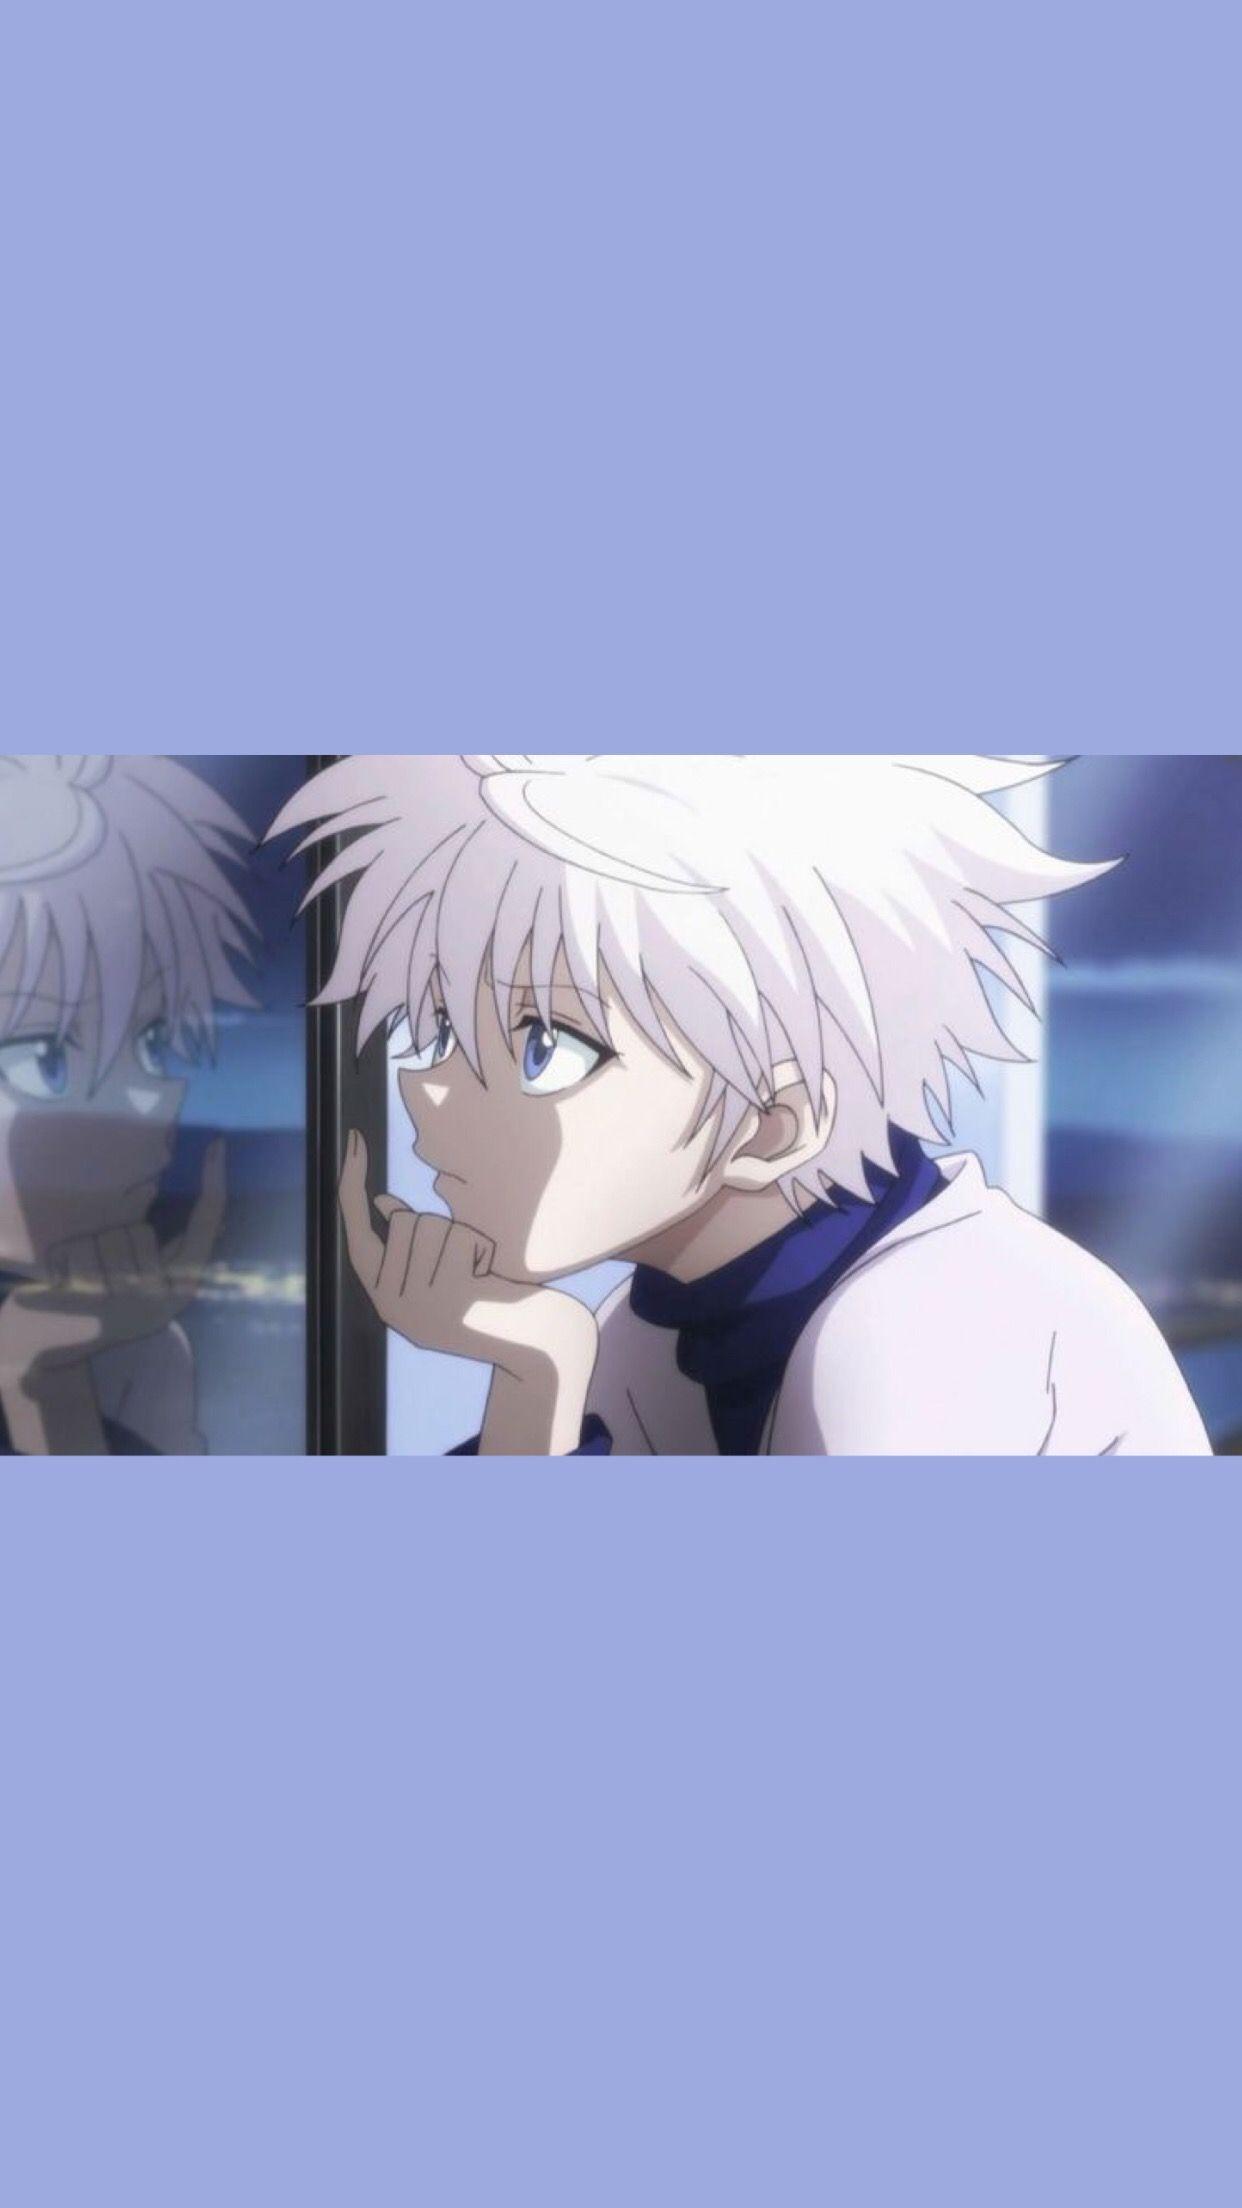 Kirua Wallpaper In 2020 Anime Anime Wallpaper Wallpaper